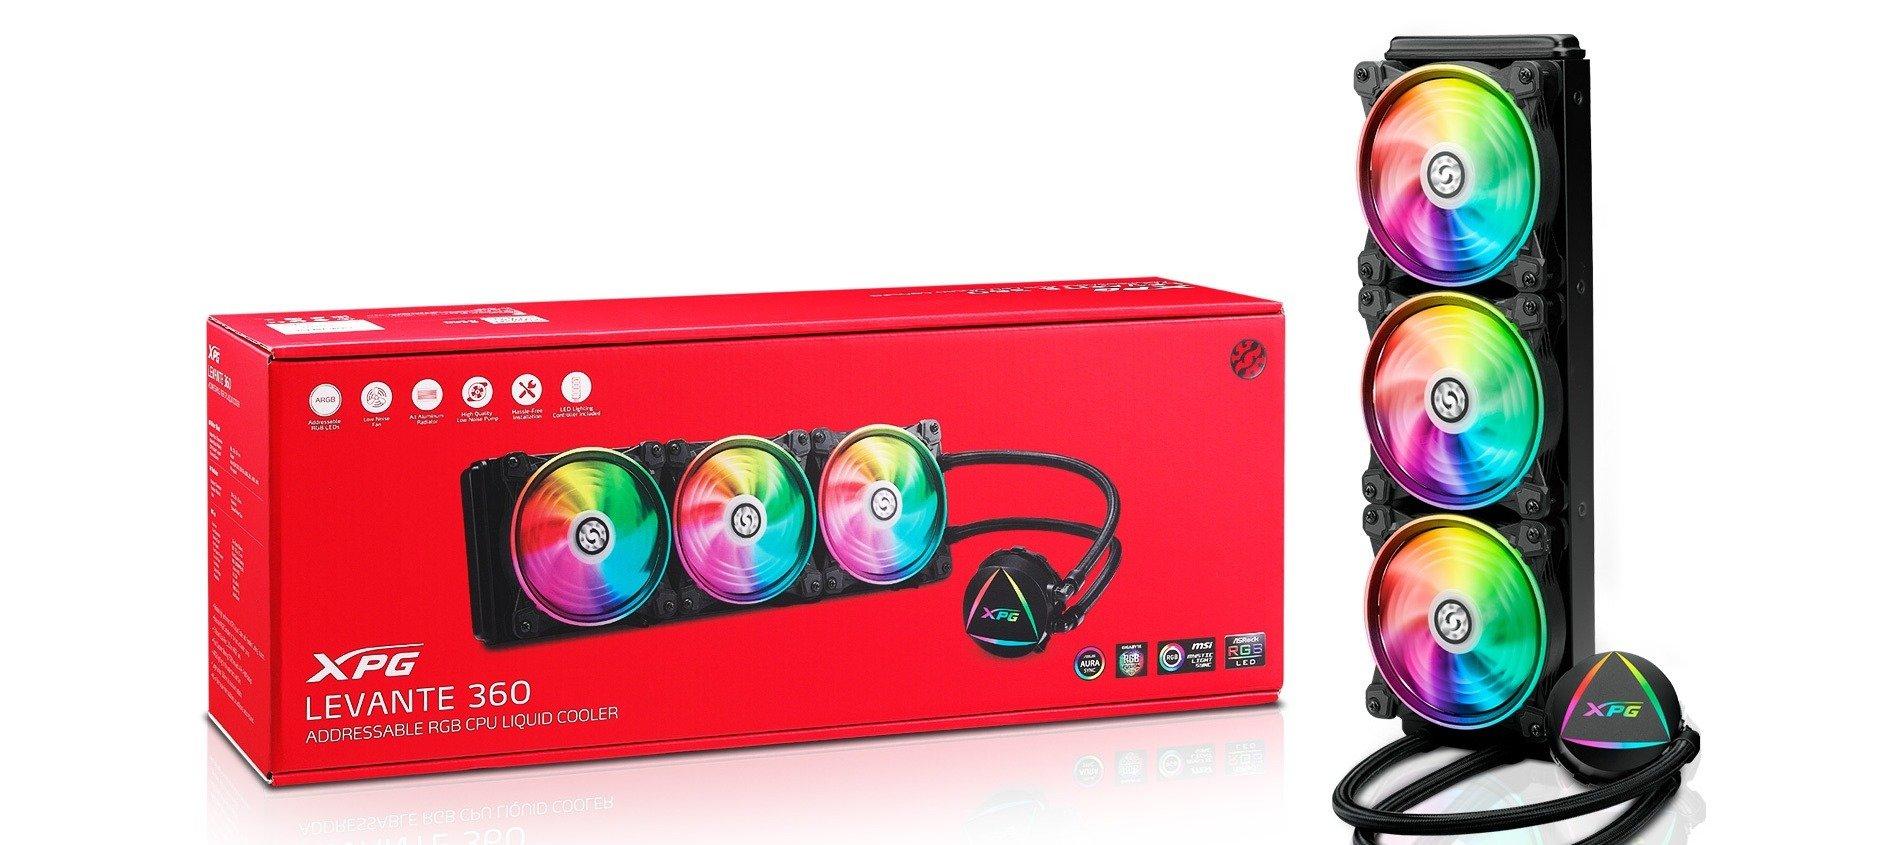 Układ chłodzenia procesora XPG Levante 360 - co nowego zaproponował nam producent sprzętu?